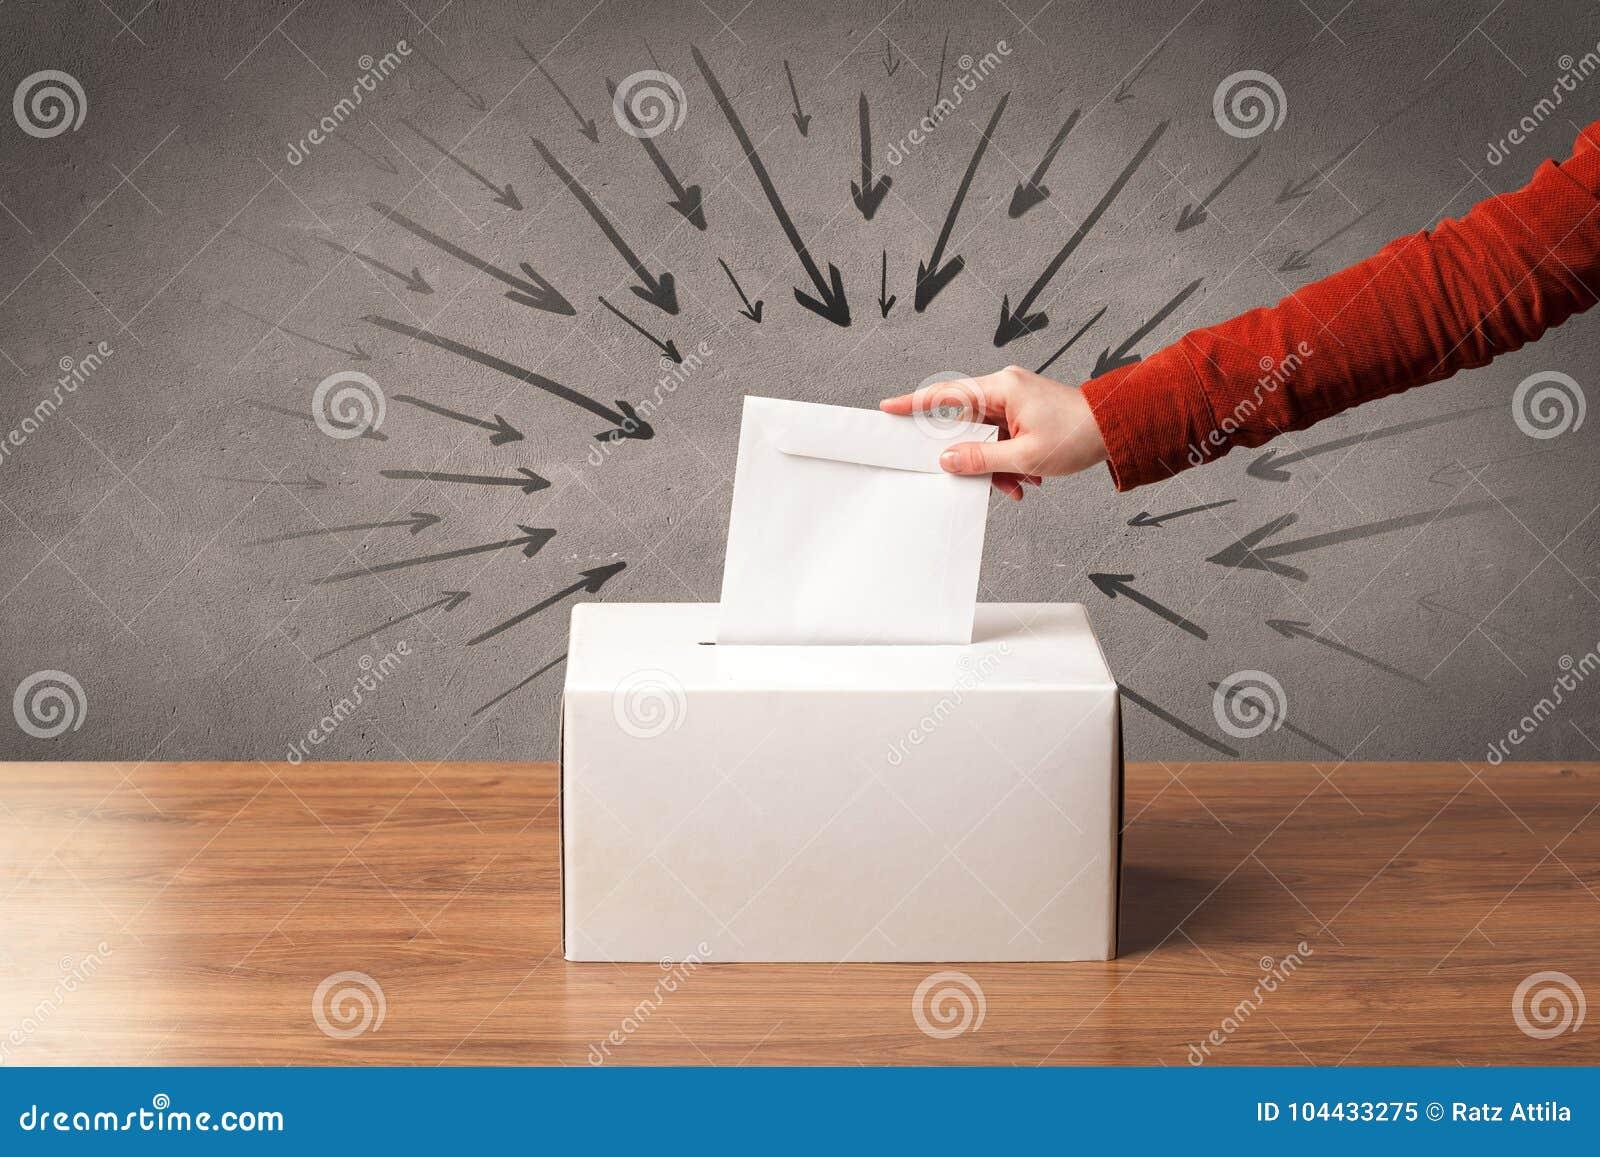 Sluit omhoog van een stembus en een beslissende stem